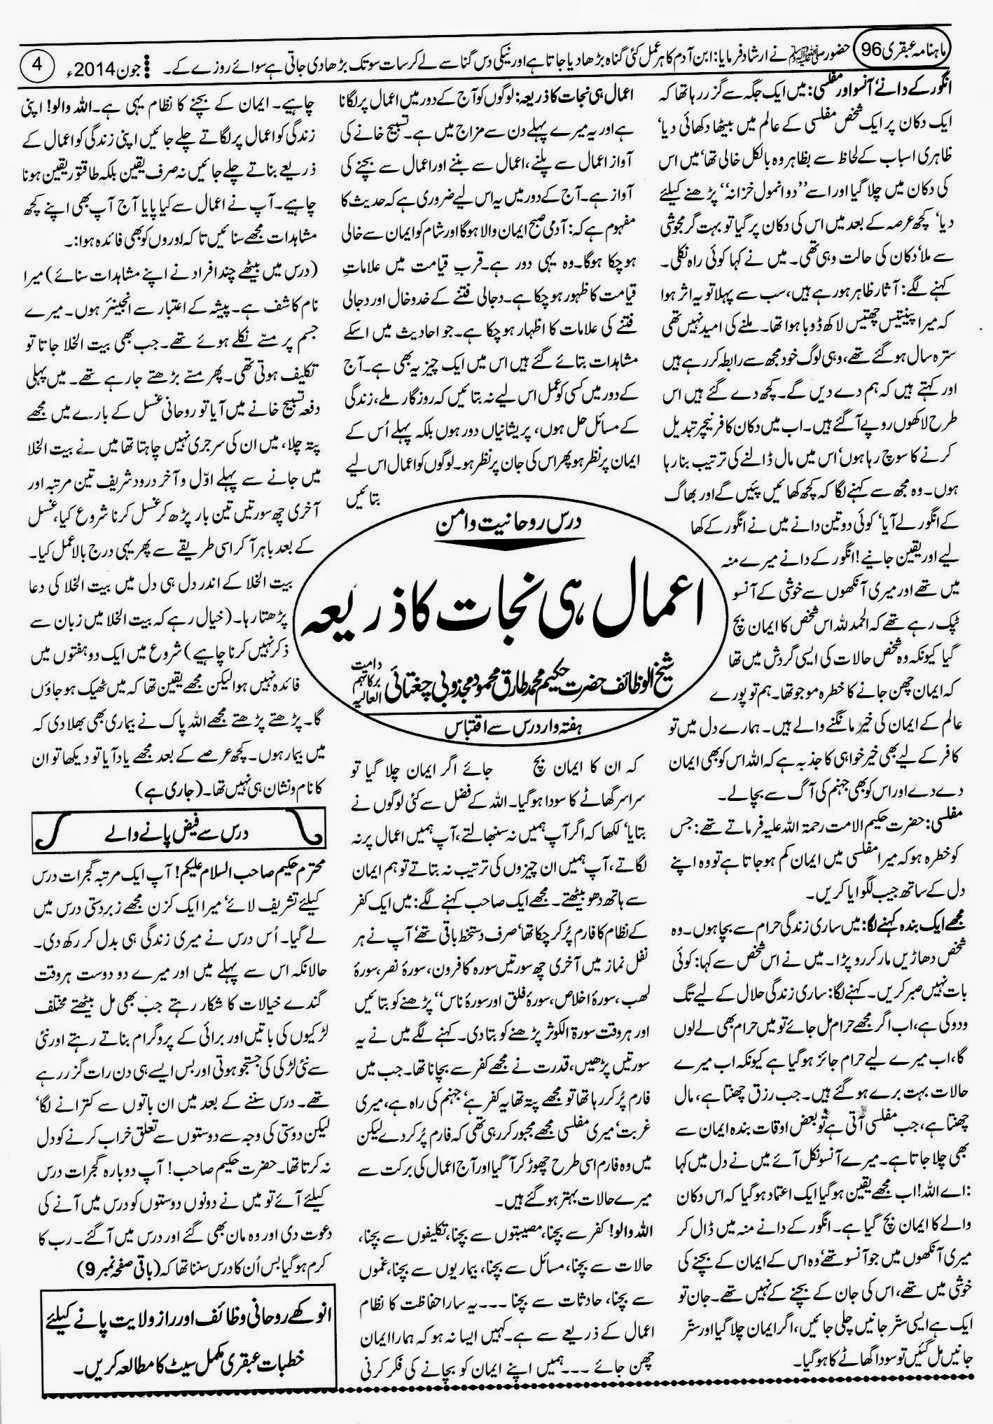 ubqari june 2014 page 4